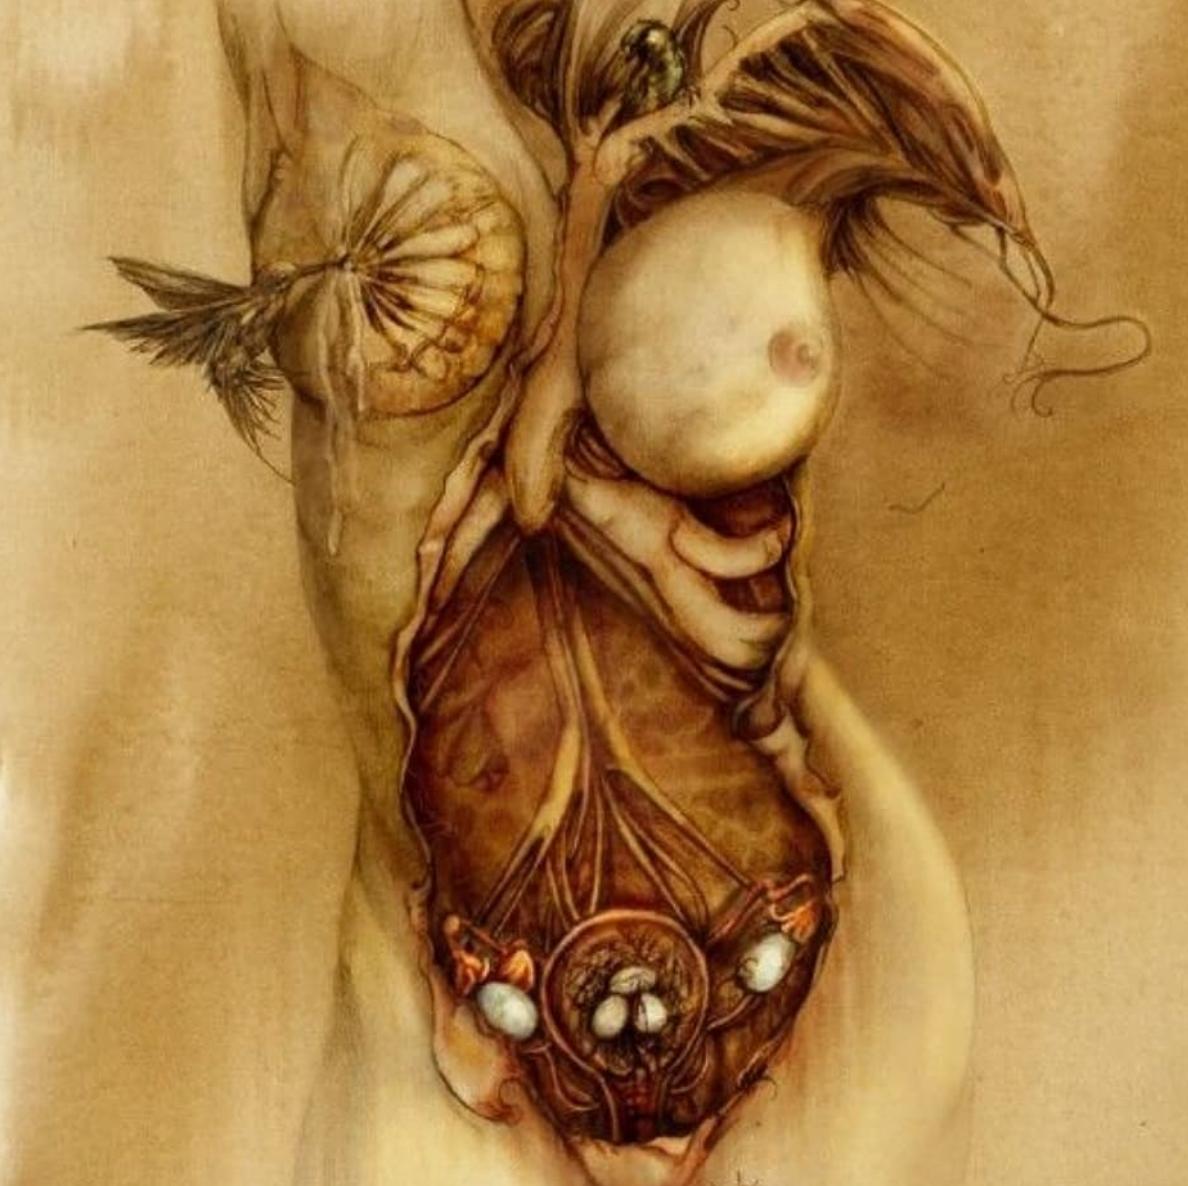 Artist: Ashley Marnich